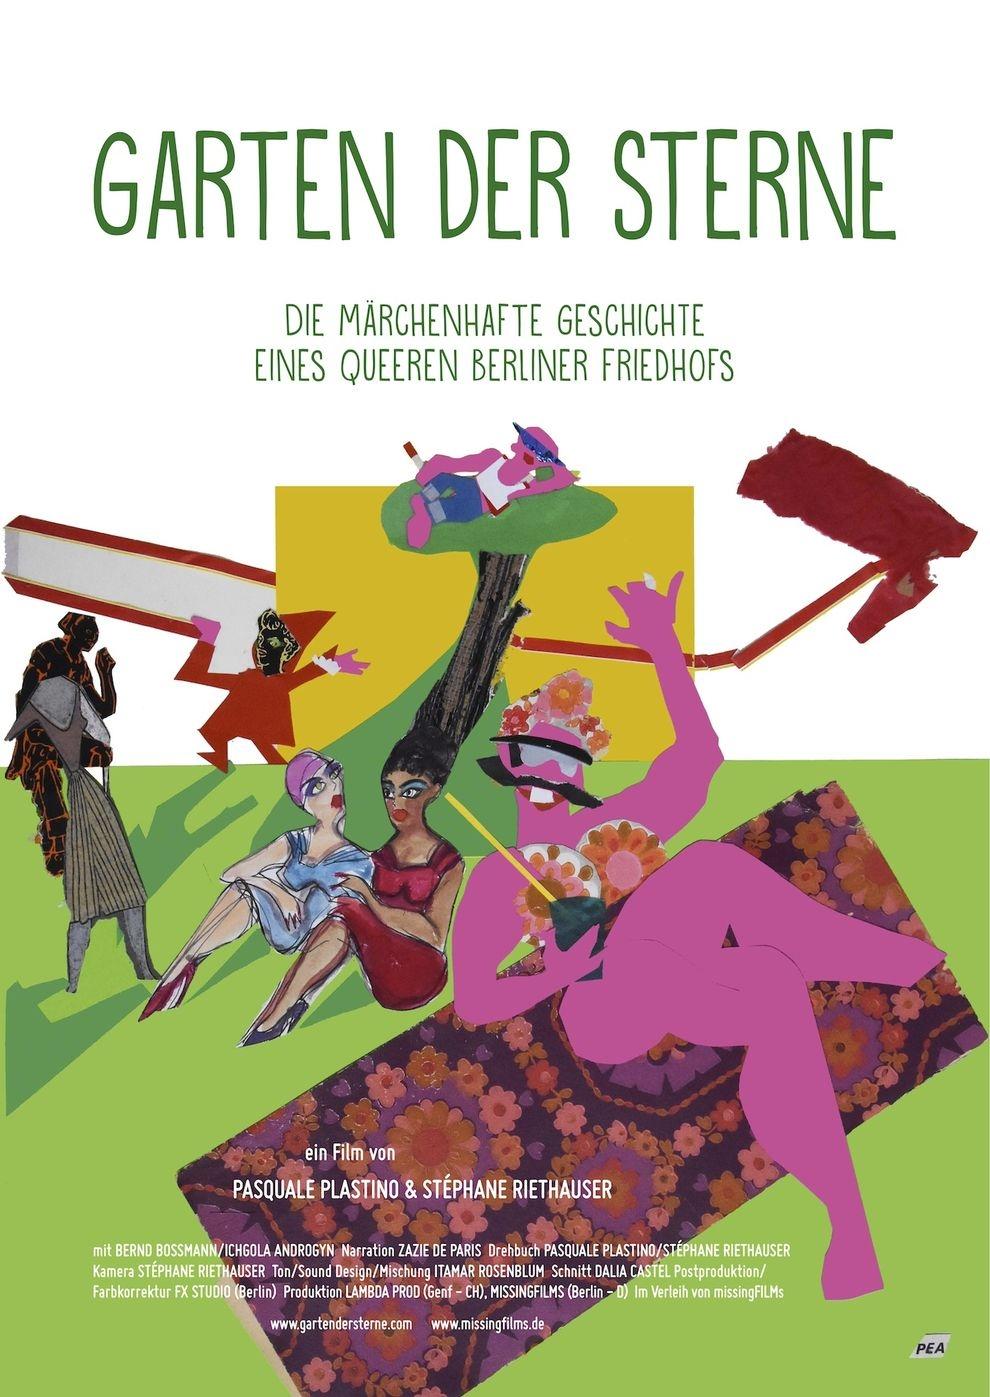 Garten der Sterne (Poster)